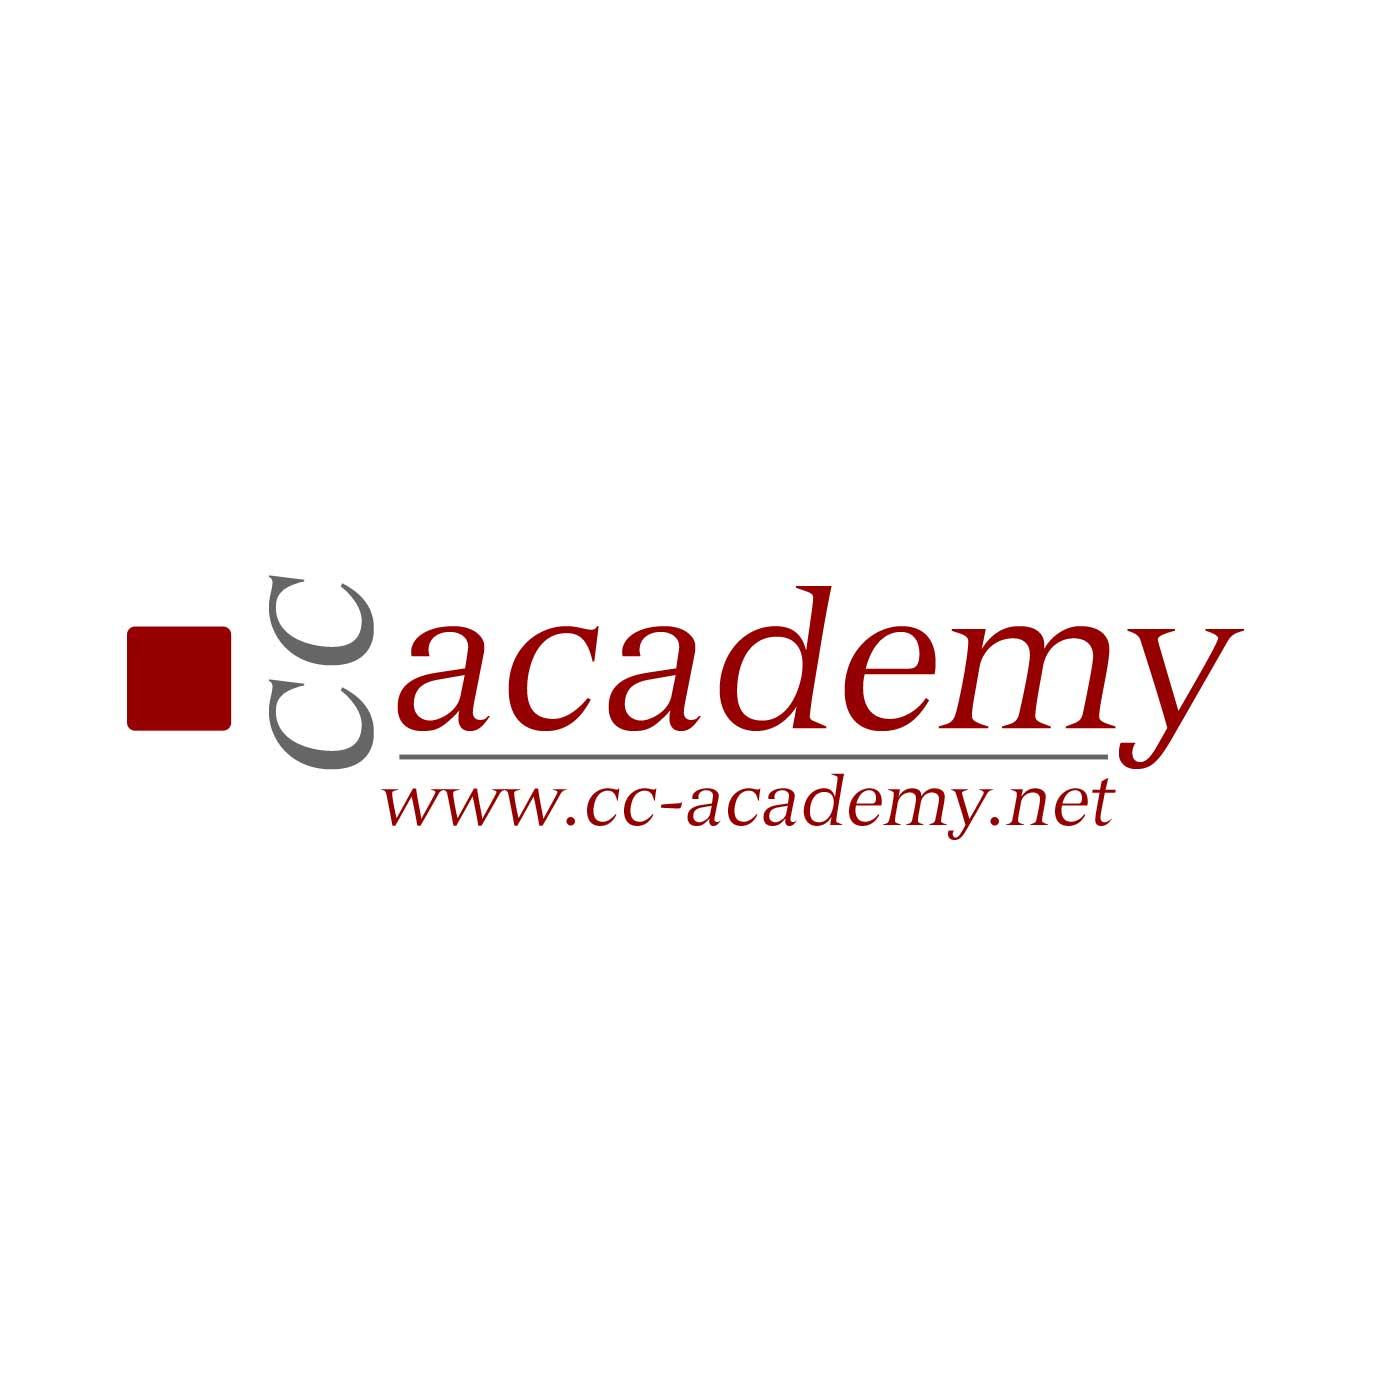 cc-academy